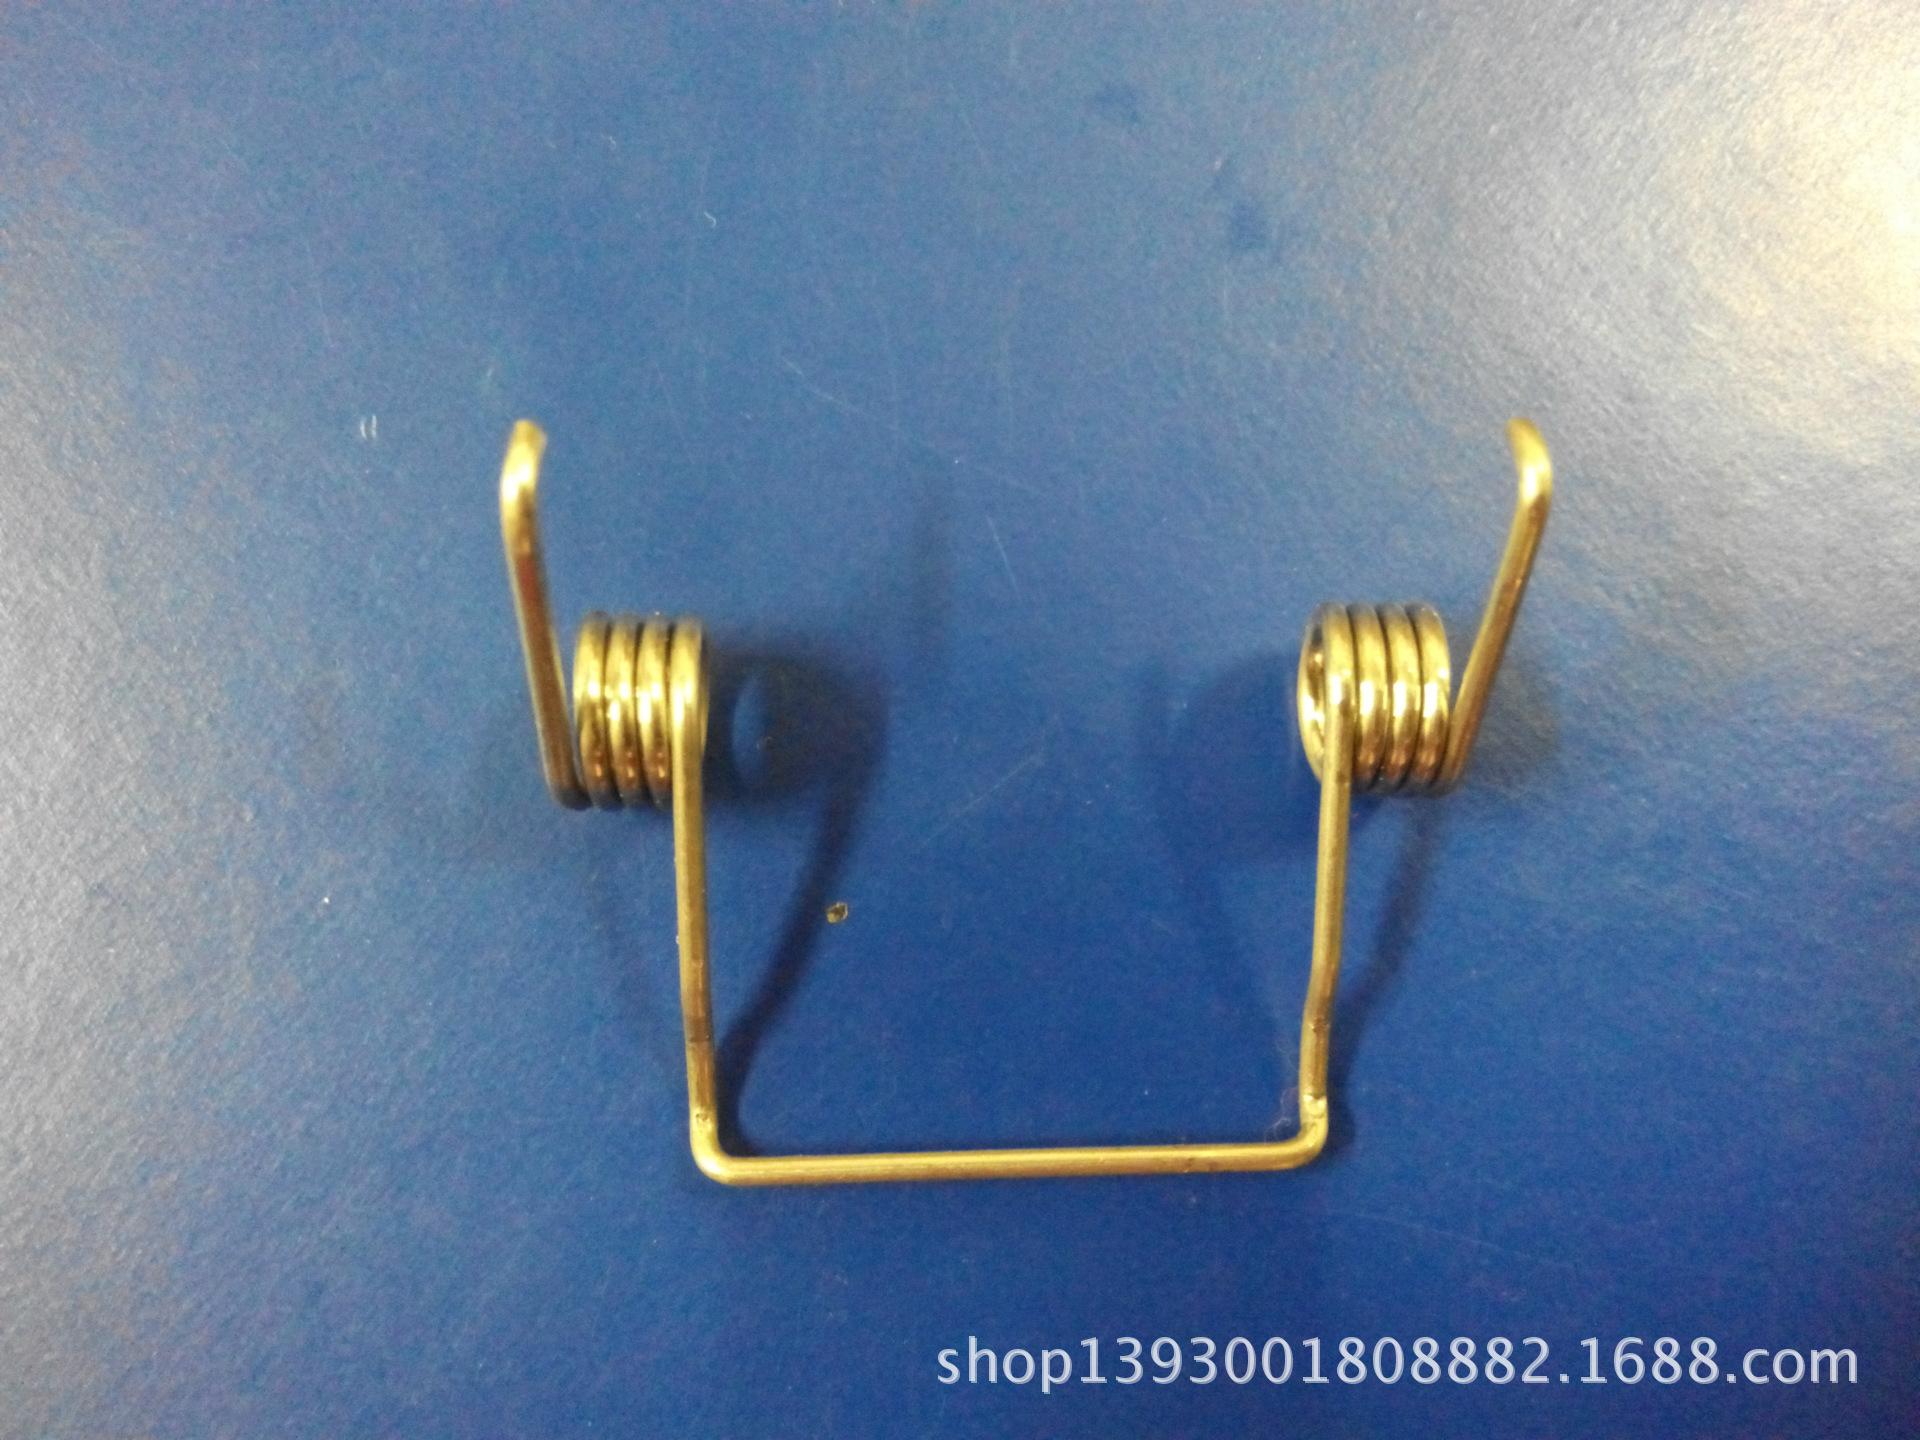 厂家直销弹簧钢异形扭簧